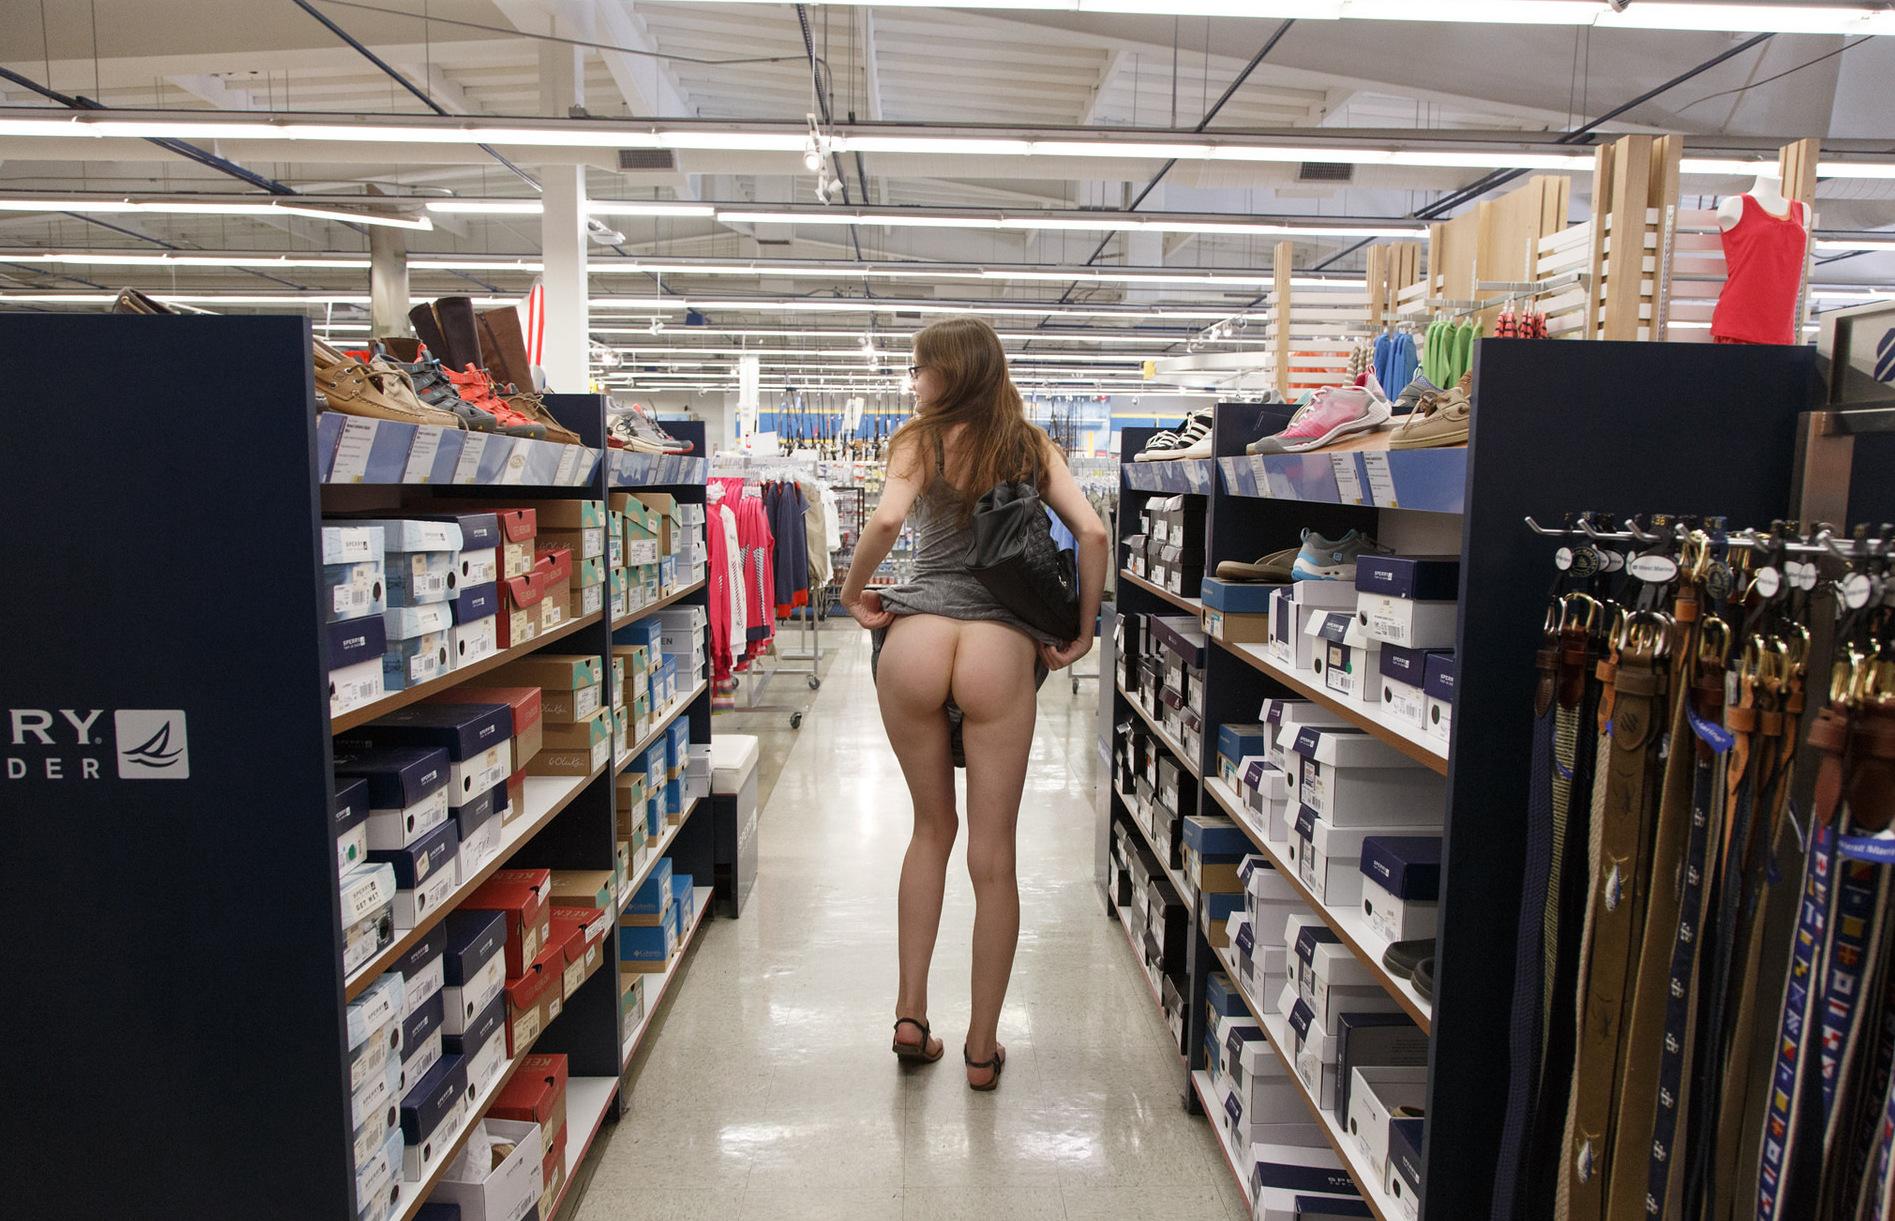 Girl next store erotic — photo 3